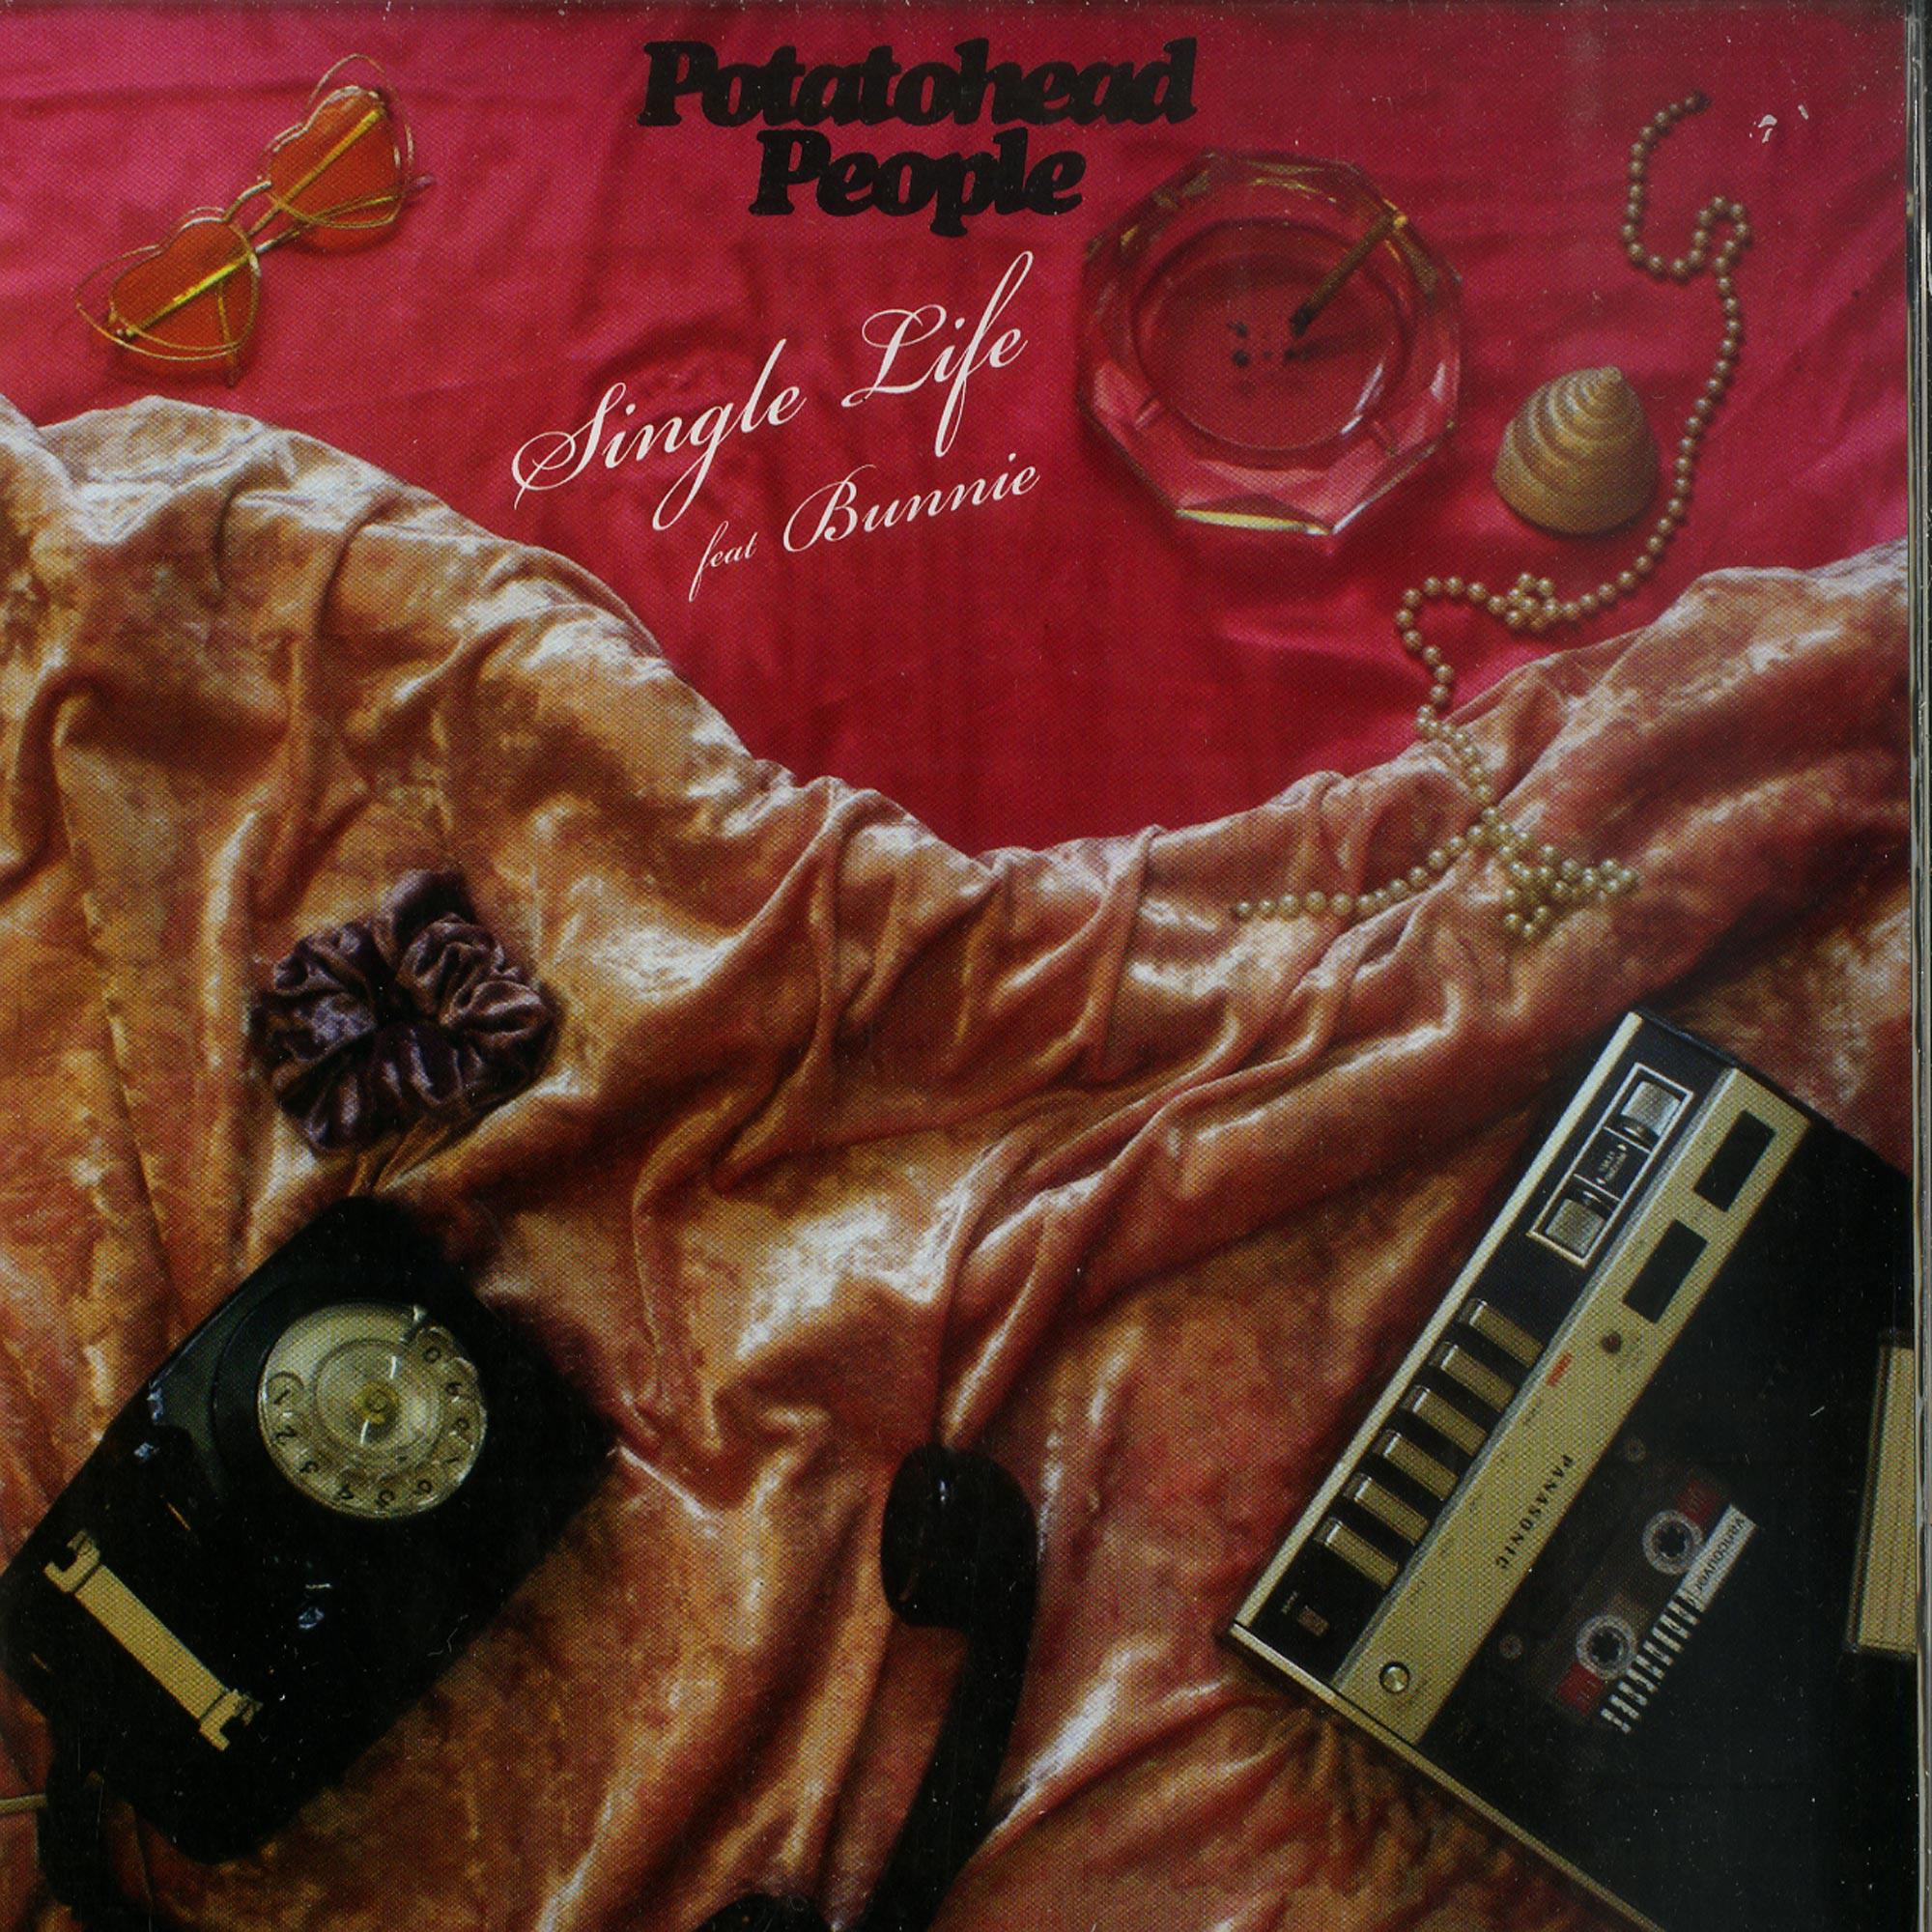 Potatohead People - SINGLE LIFE